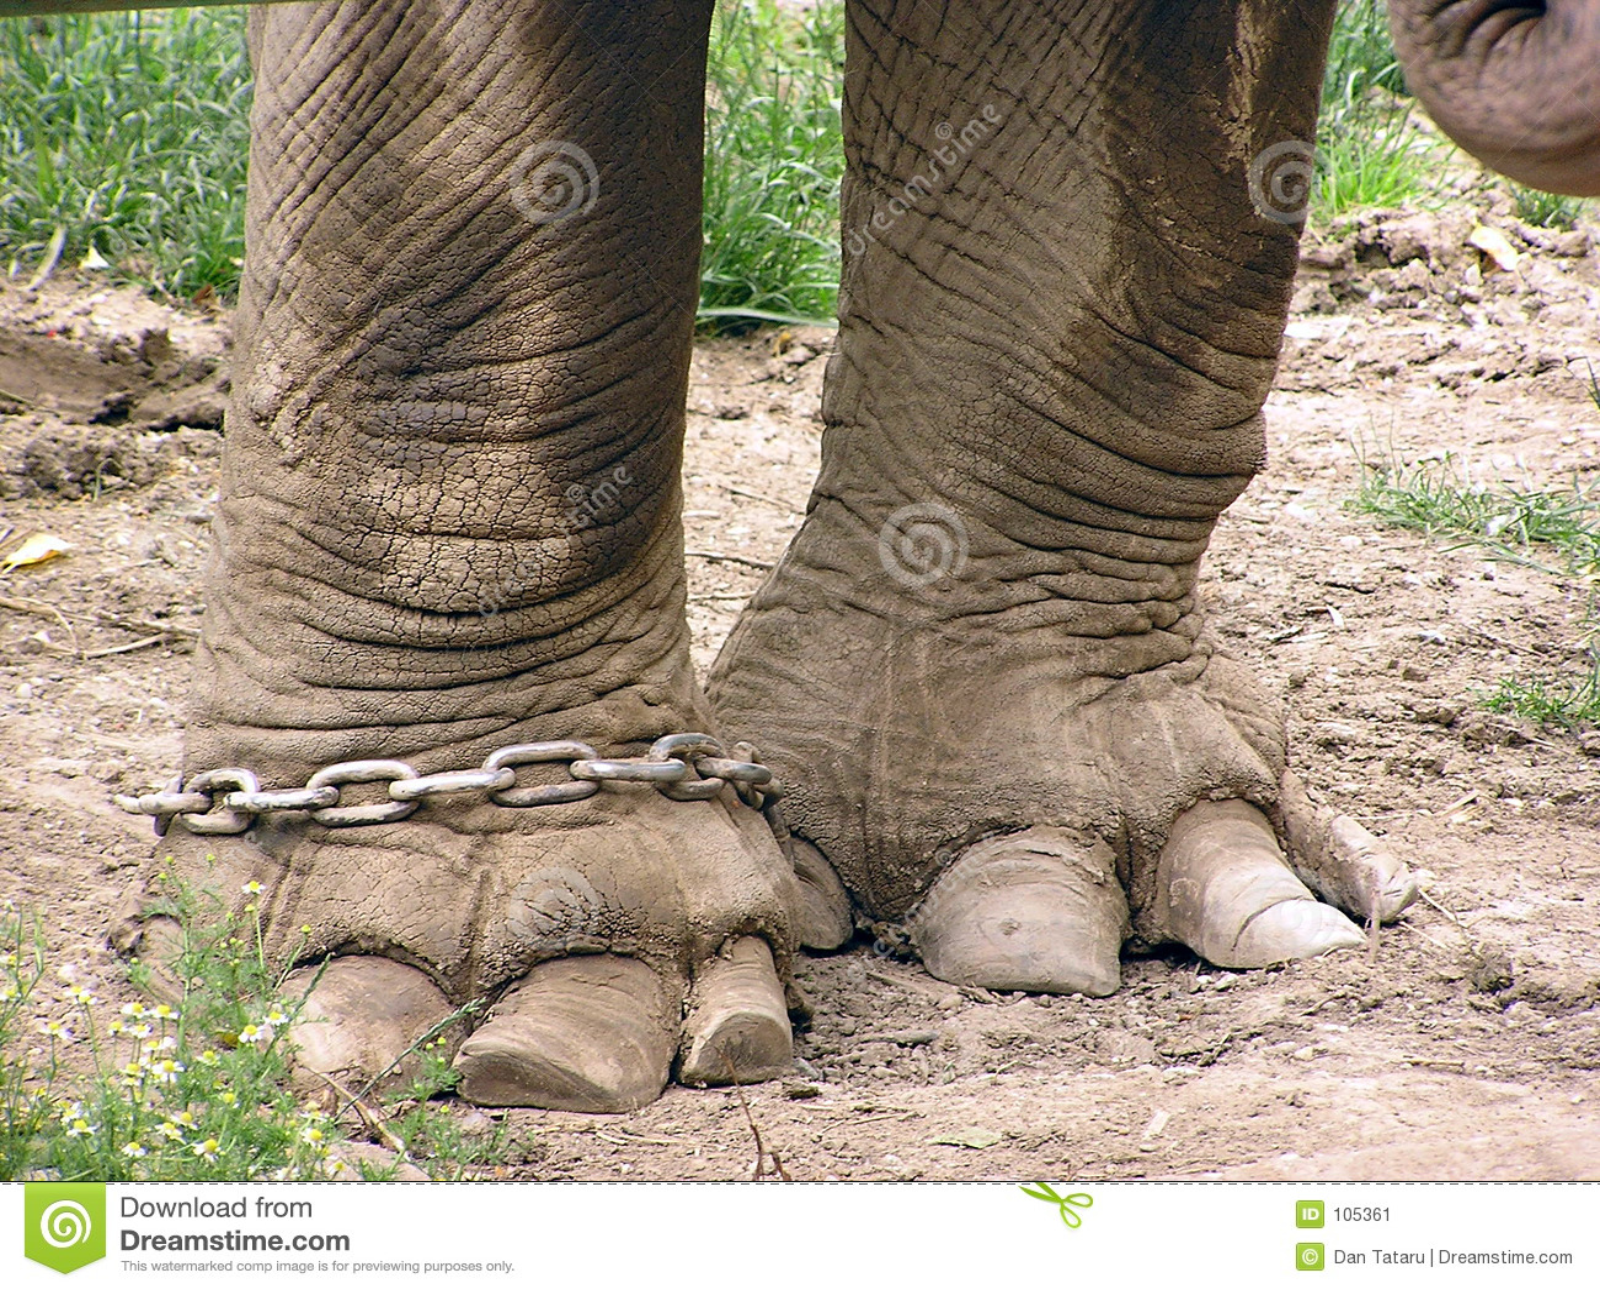 Pés de um elefante na corrente